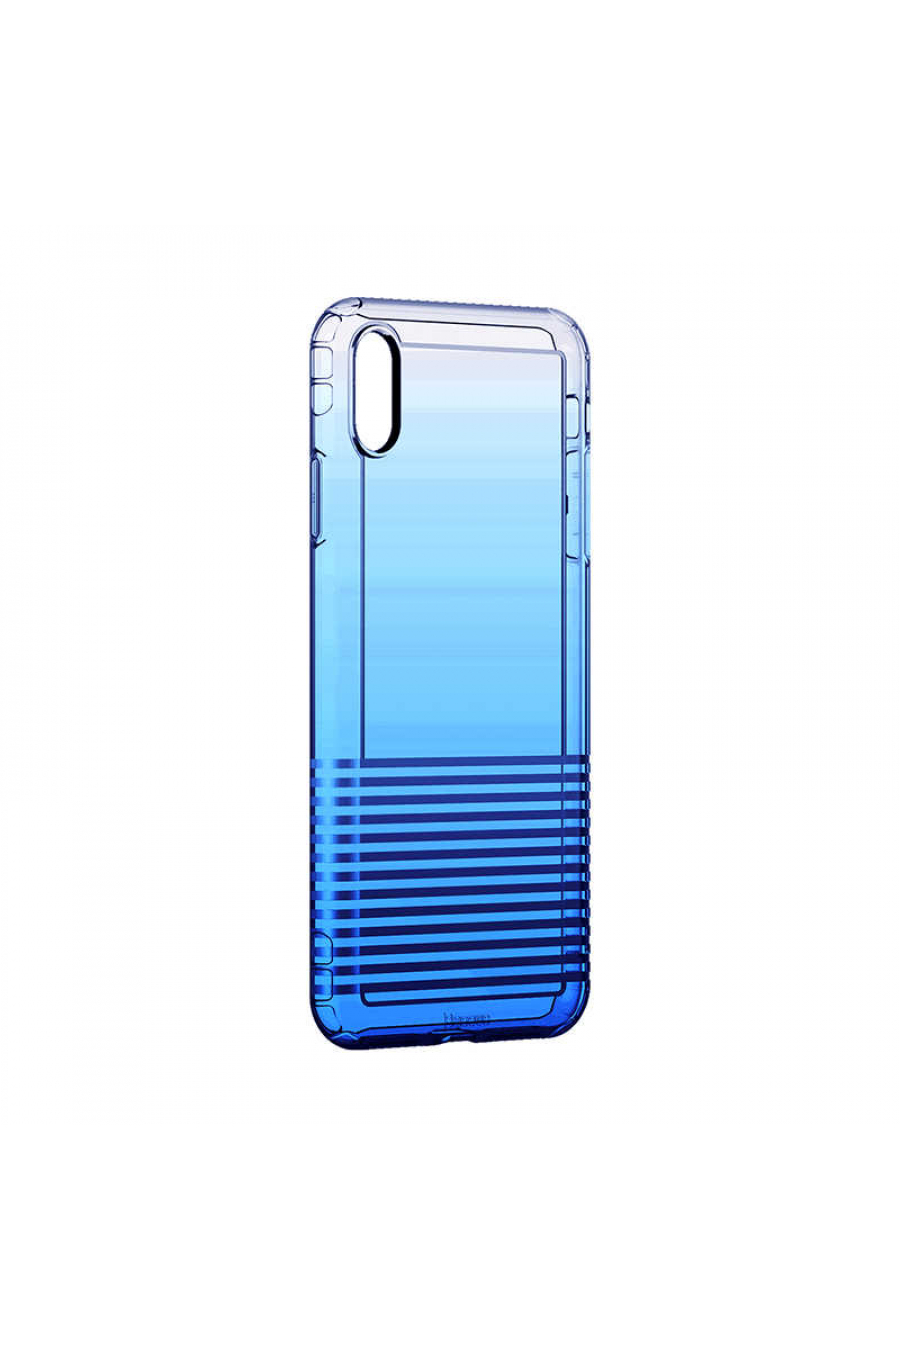 Apple iPhone XR 6.1 Kılıf Baseus Colorful Airbag Protection Case